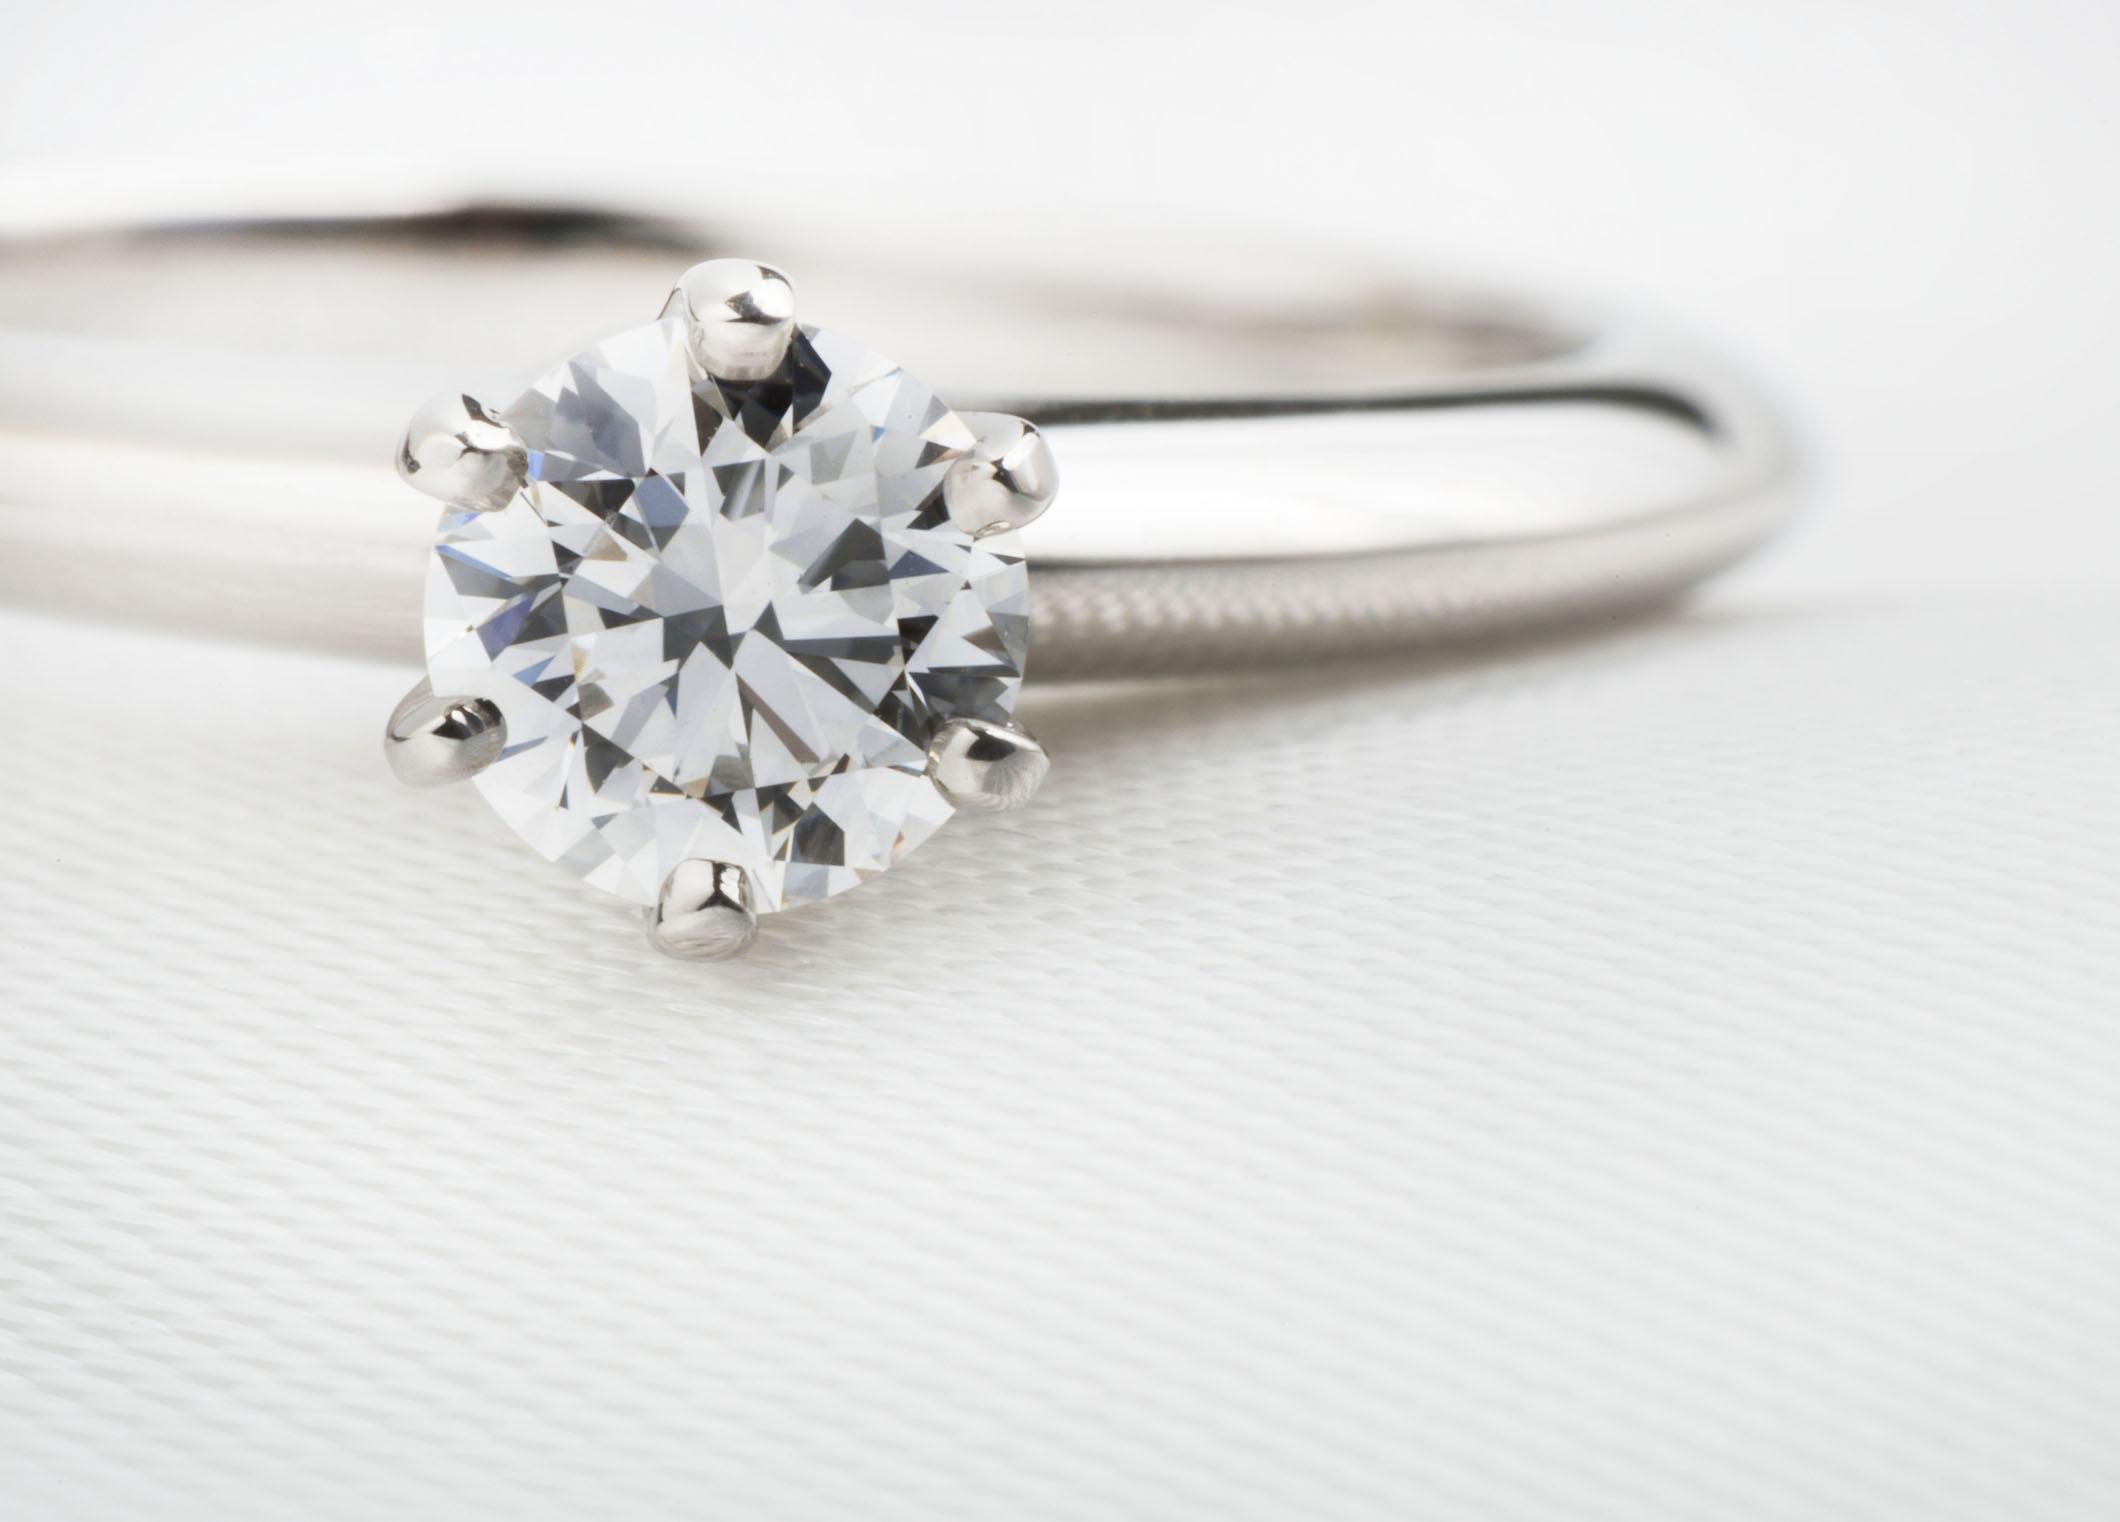 【静岡市カップル】プロポーズされたらやることとは?すぐにでも婚約指輪を購入したほうがいい3つの理由